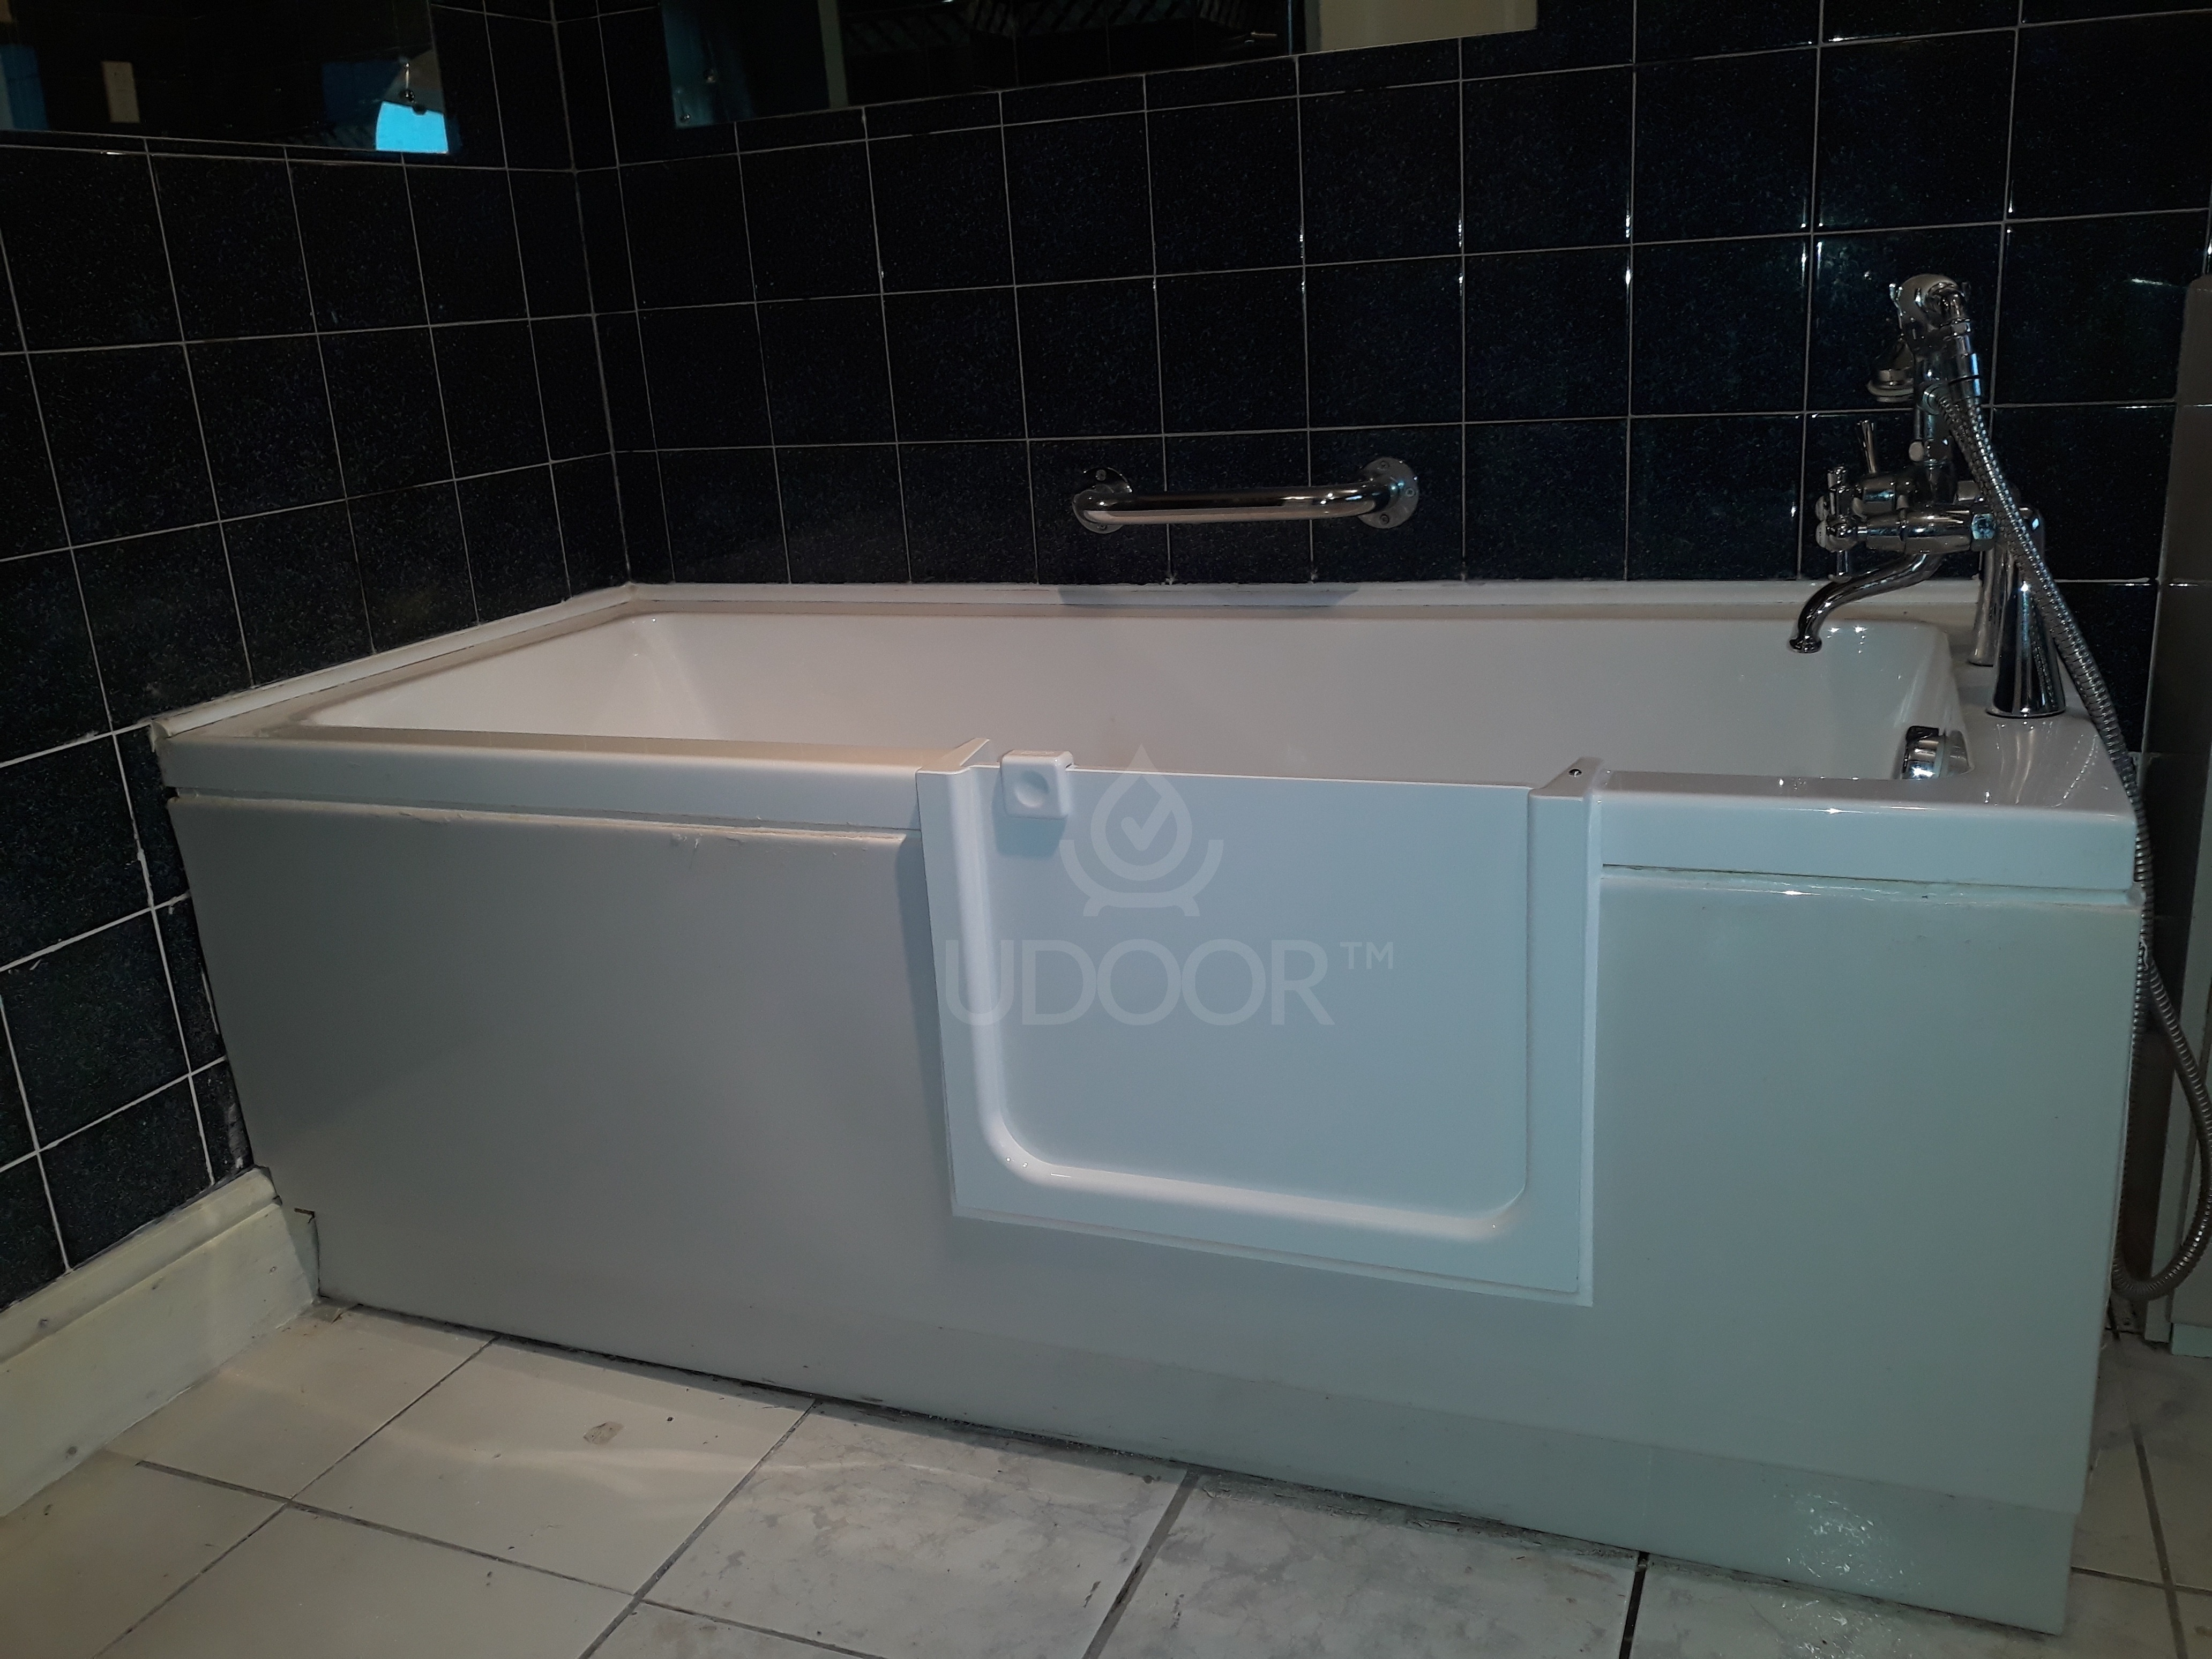 Bathtub with plastic or wooden front panel - UDOOR - Bathtub door